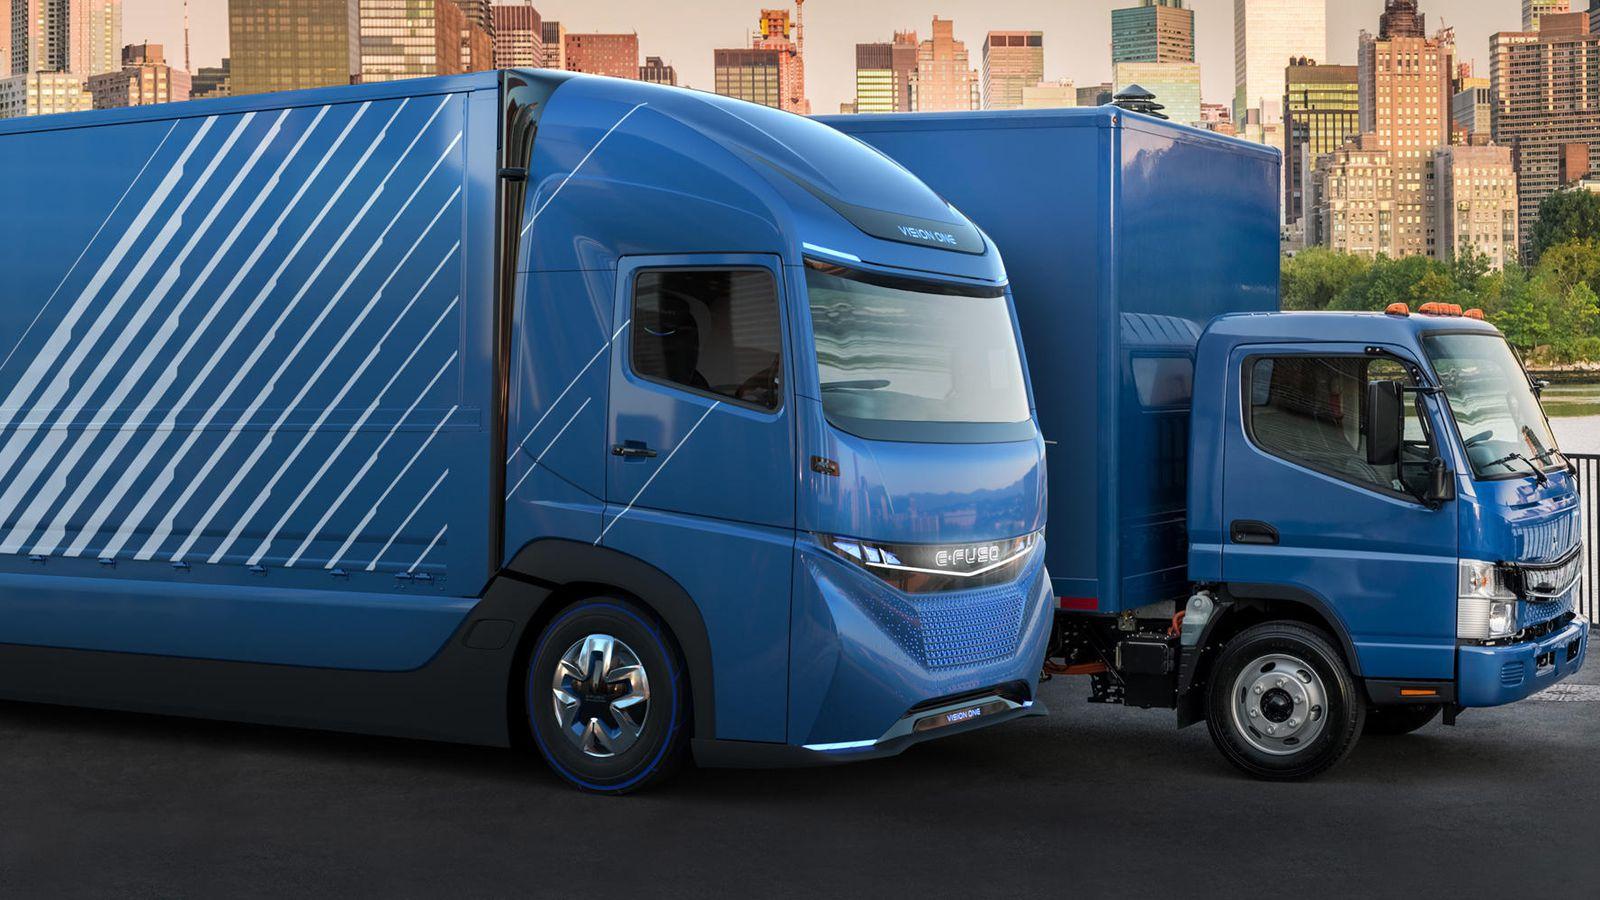 Nuovo Stralis X-WAY: la gamma completamente nuova per servizi urbani e logistica edilizia - image vision-one-hero on http://mezzipesanti.motori.net